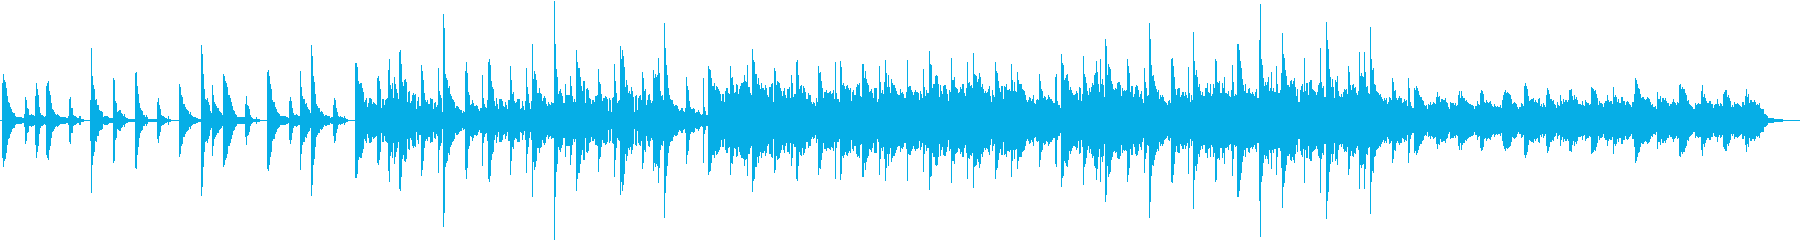 透明感があるが無機質な感じの曲の再生済みの波形